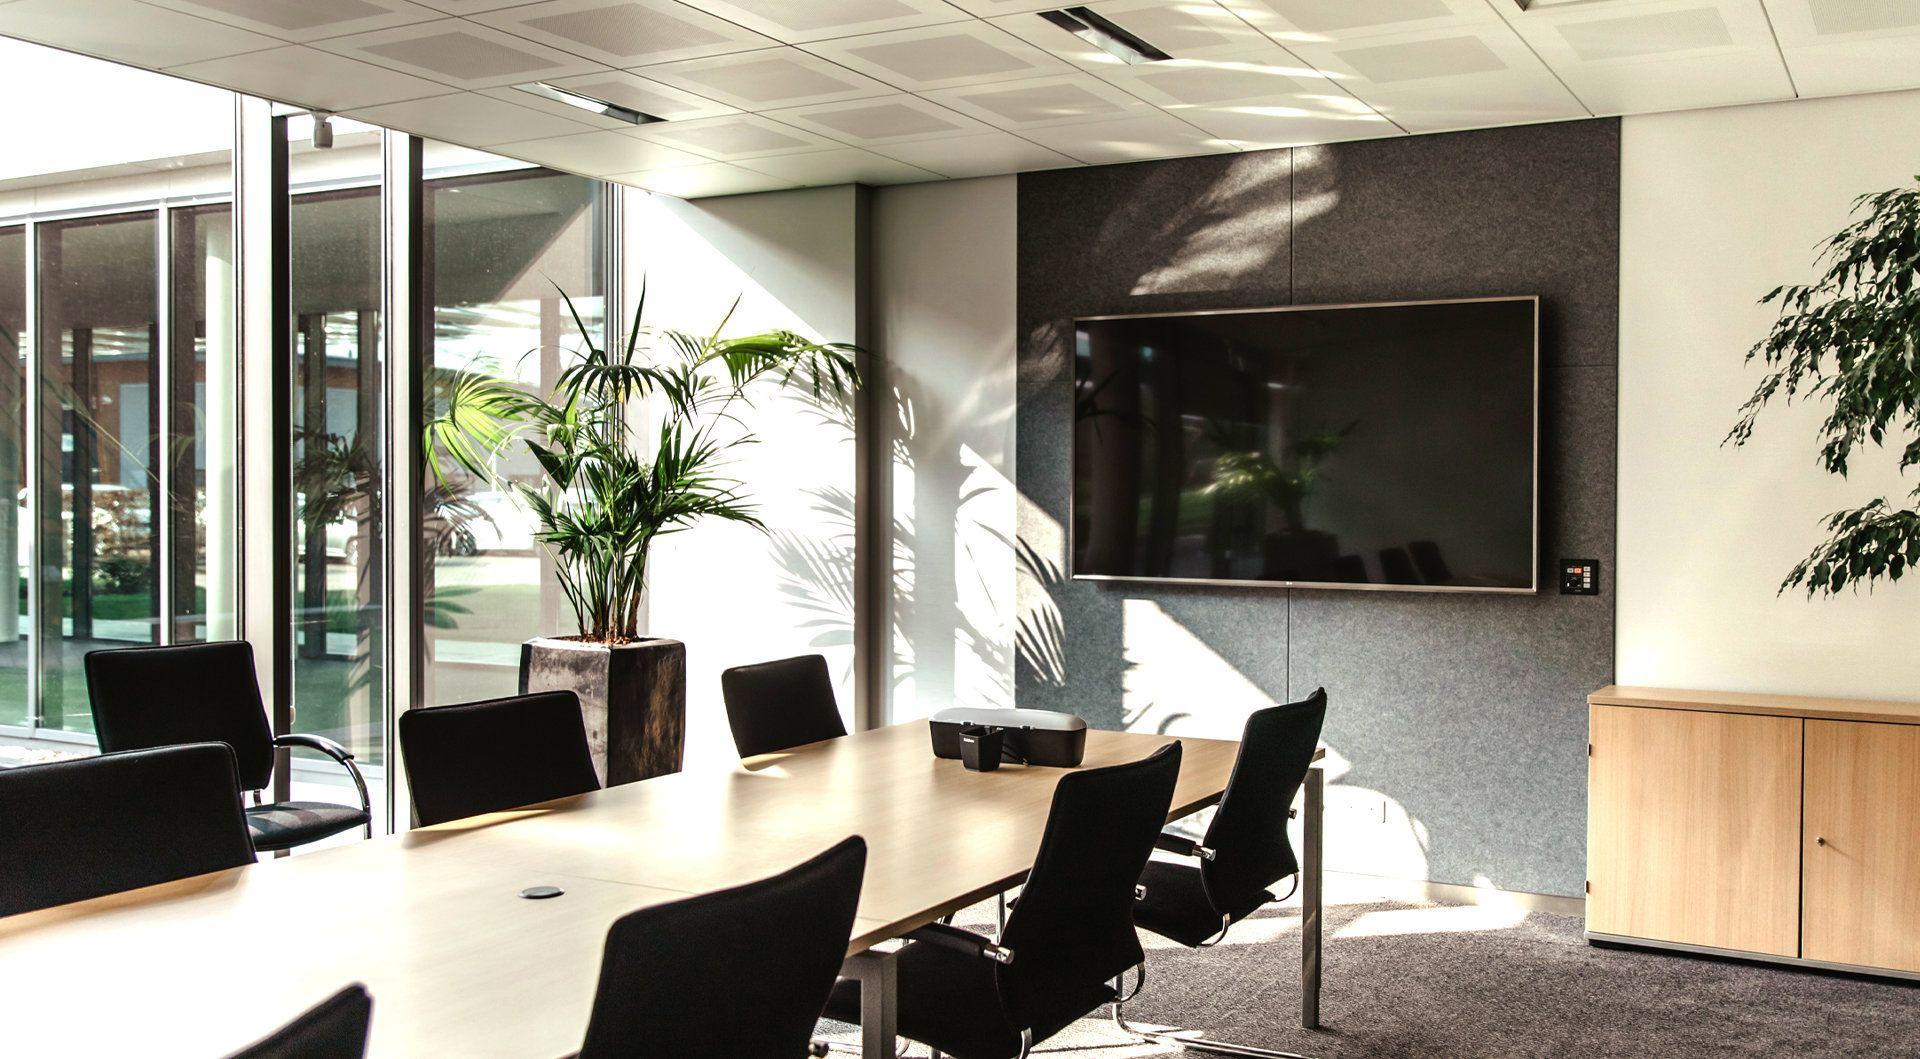 """iiyama ProLite XB2483HSU-B3 LED display 60,5 cm (23.8"""") 1920 x 1080 Pixels Full HD Flat Mat Zwart - Case studie de vries"""